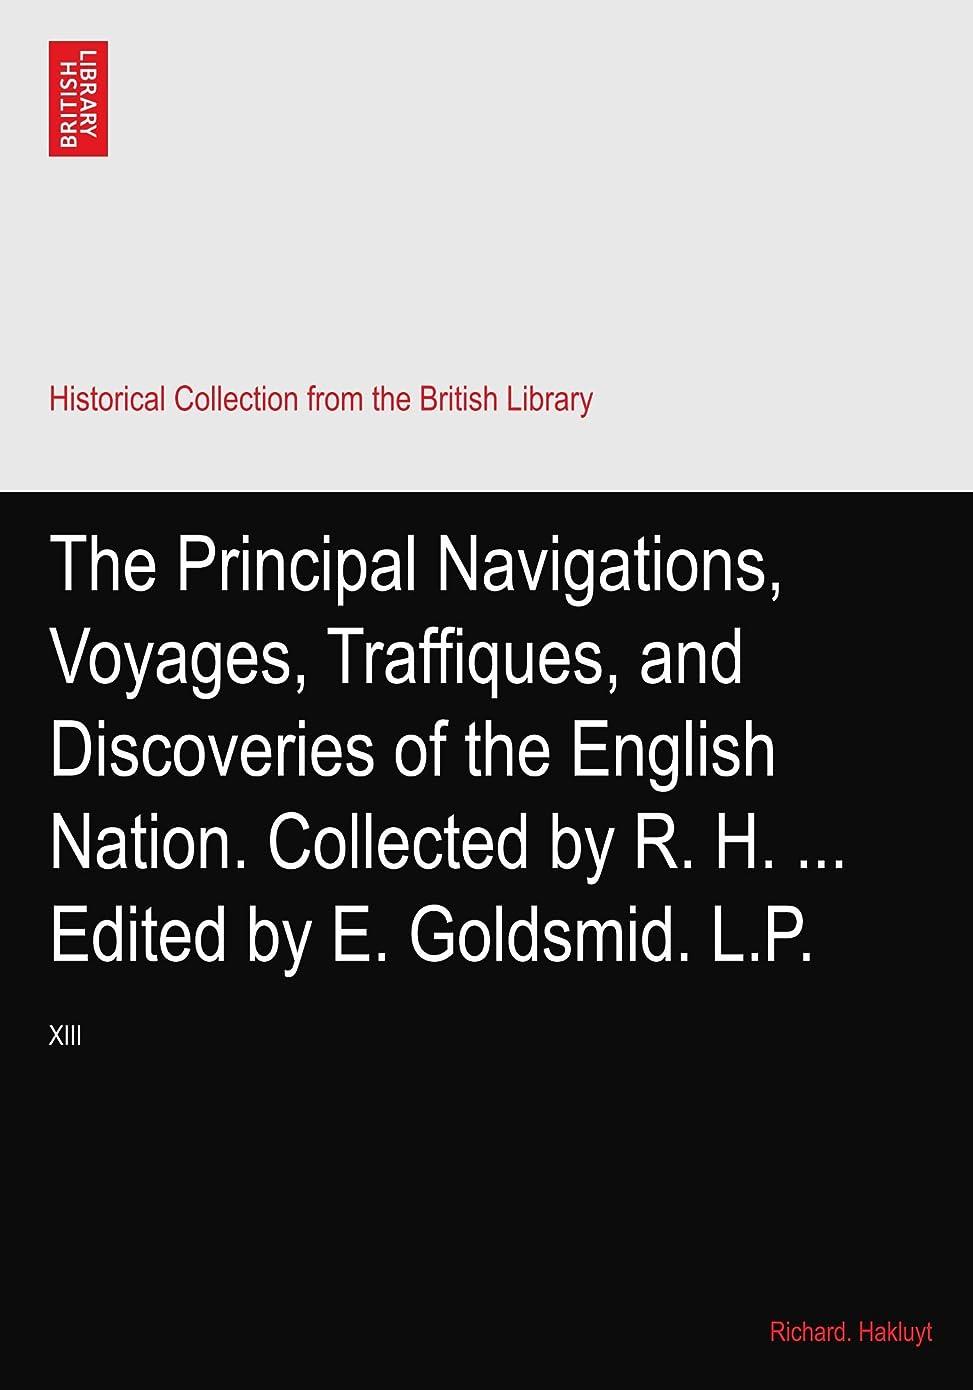 炭素以降サロンThe Principal Navigations, Voyages, Traffiques, and Discoveries of the English Nation. Collected by R. H. ... Edited by E. Goldsmid. L.P.: XIII